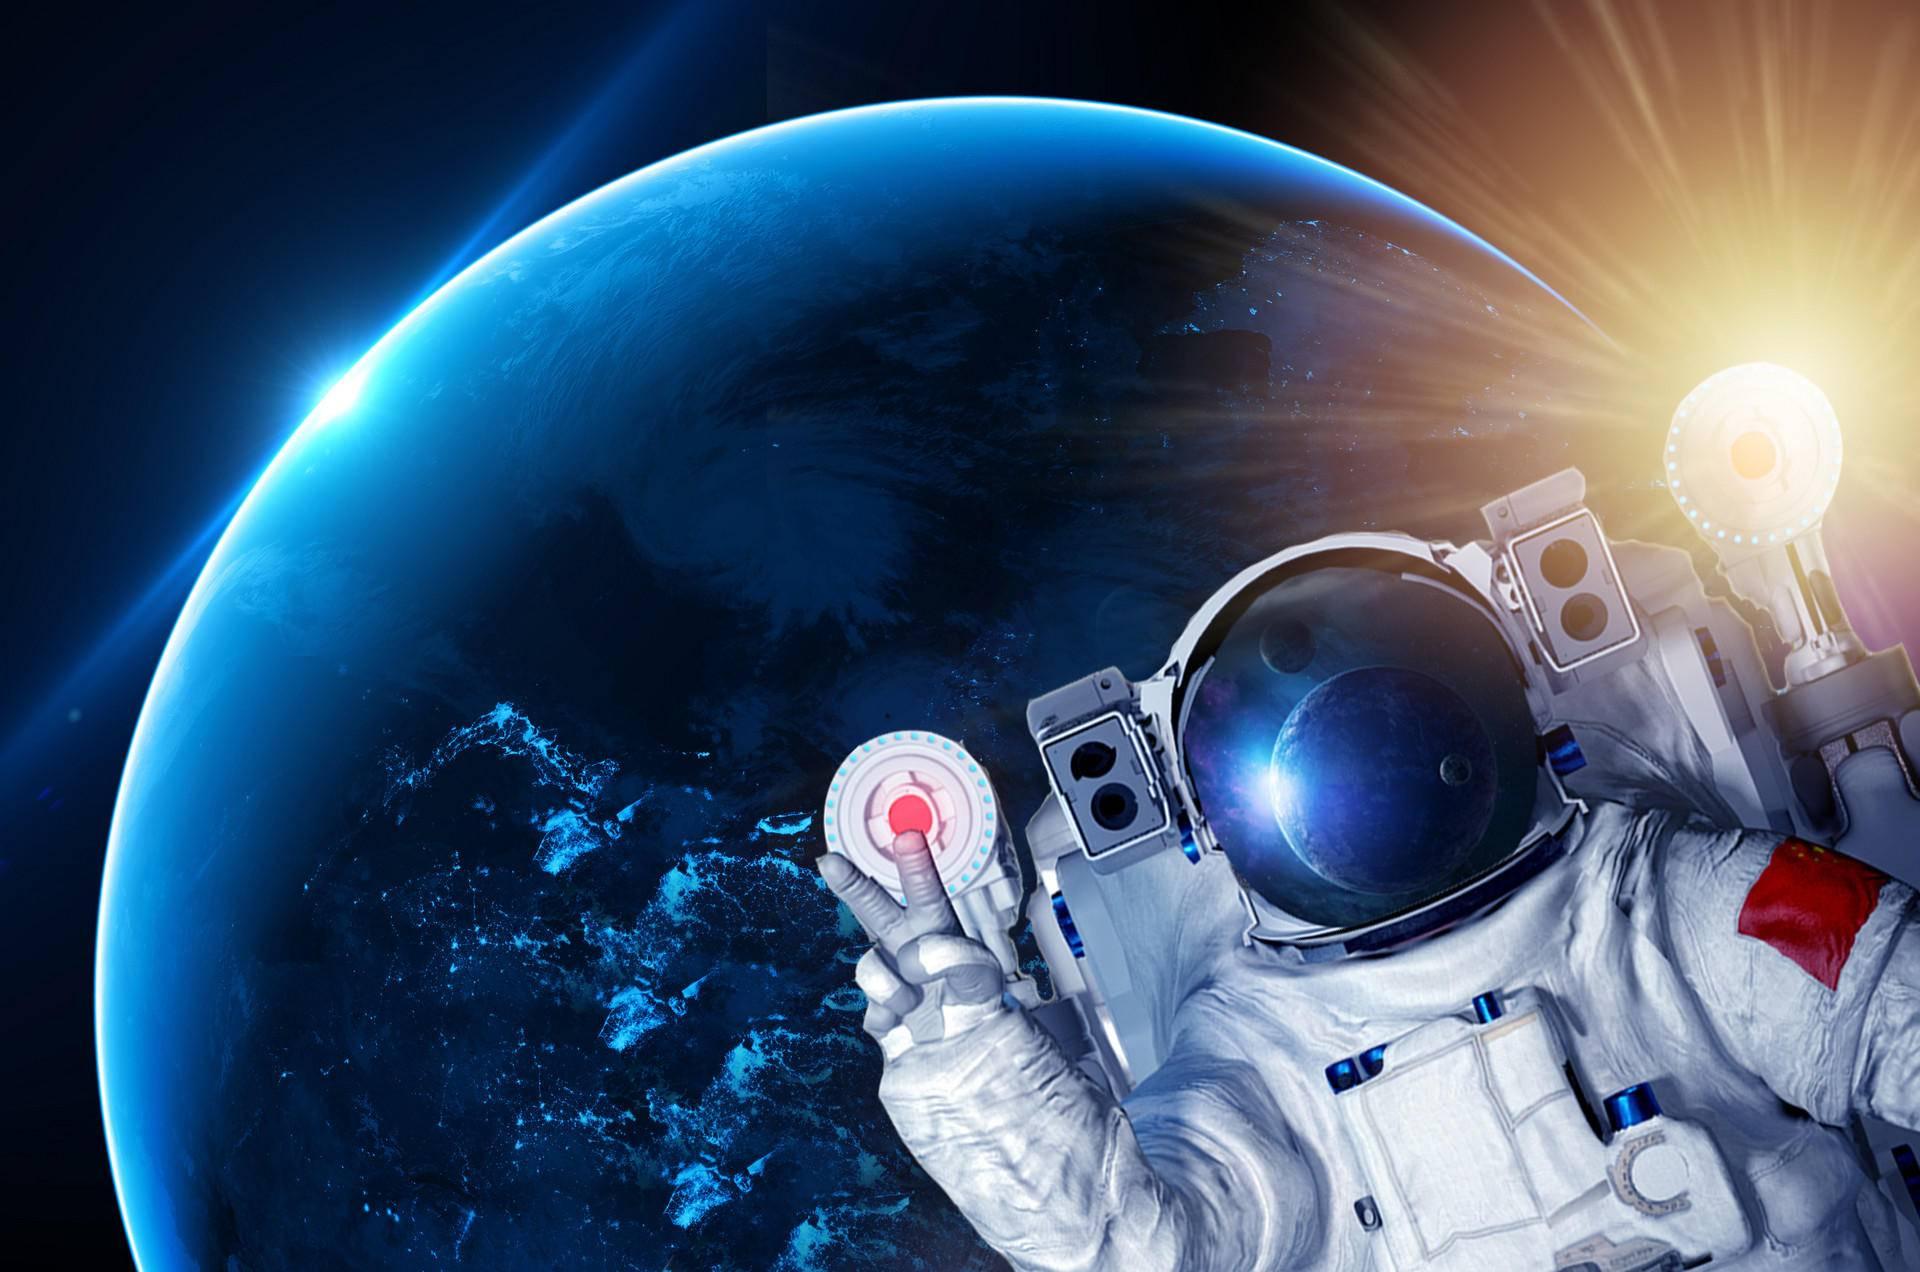 人类首登月球50周年,NASA公众征集回忆